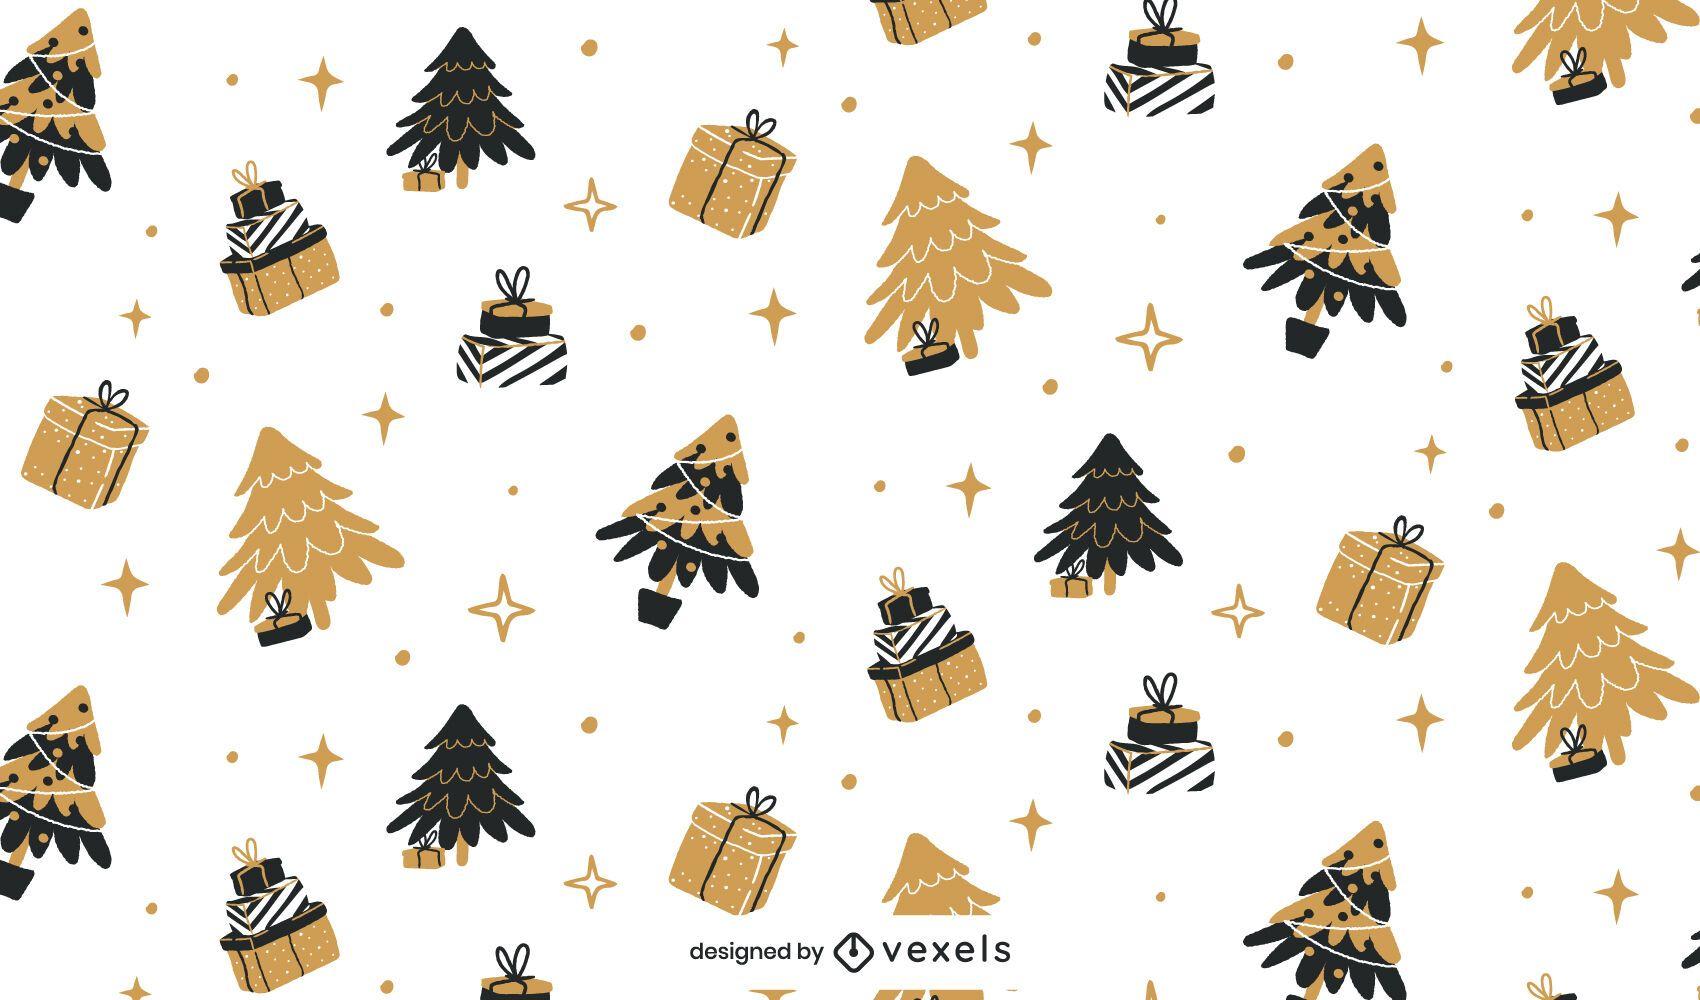 Dise?o de patr?n de Navidad negro y dorado